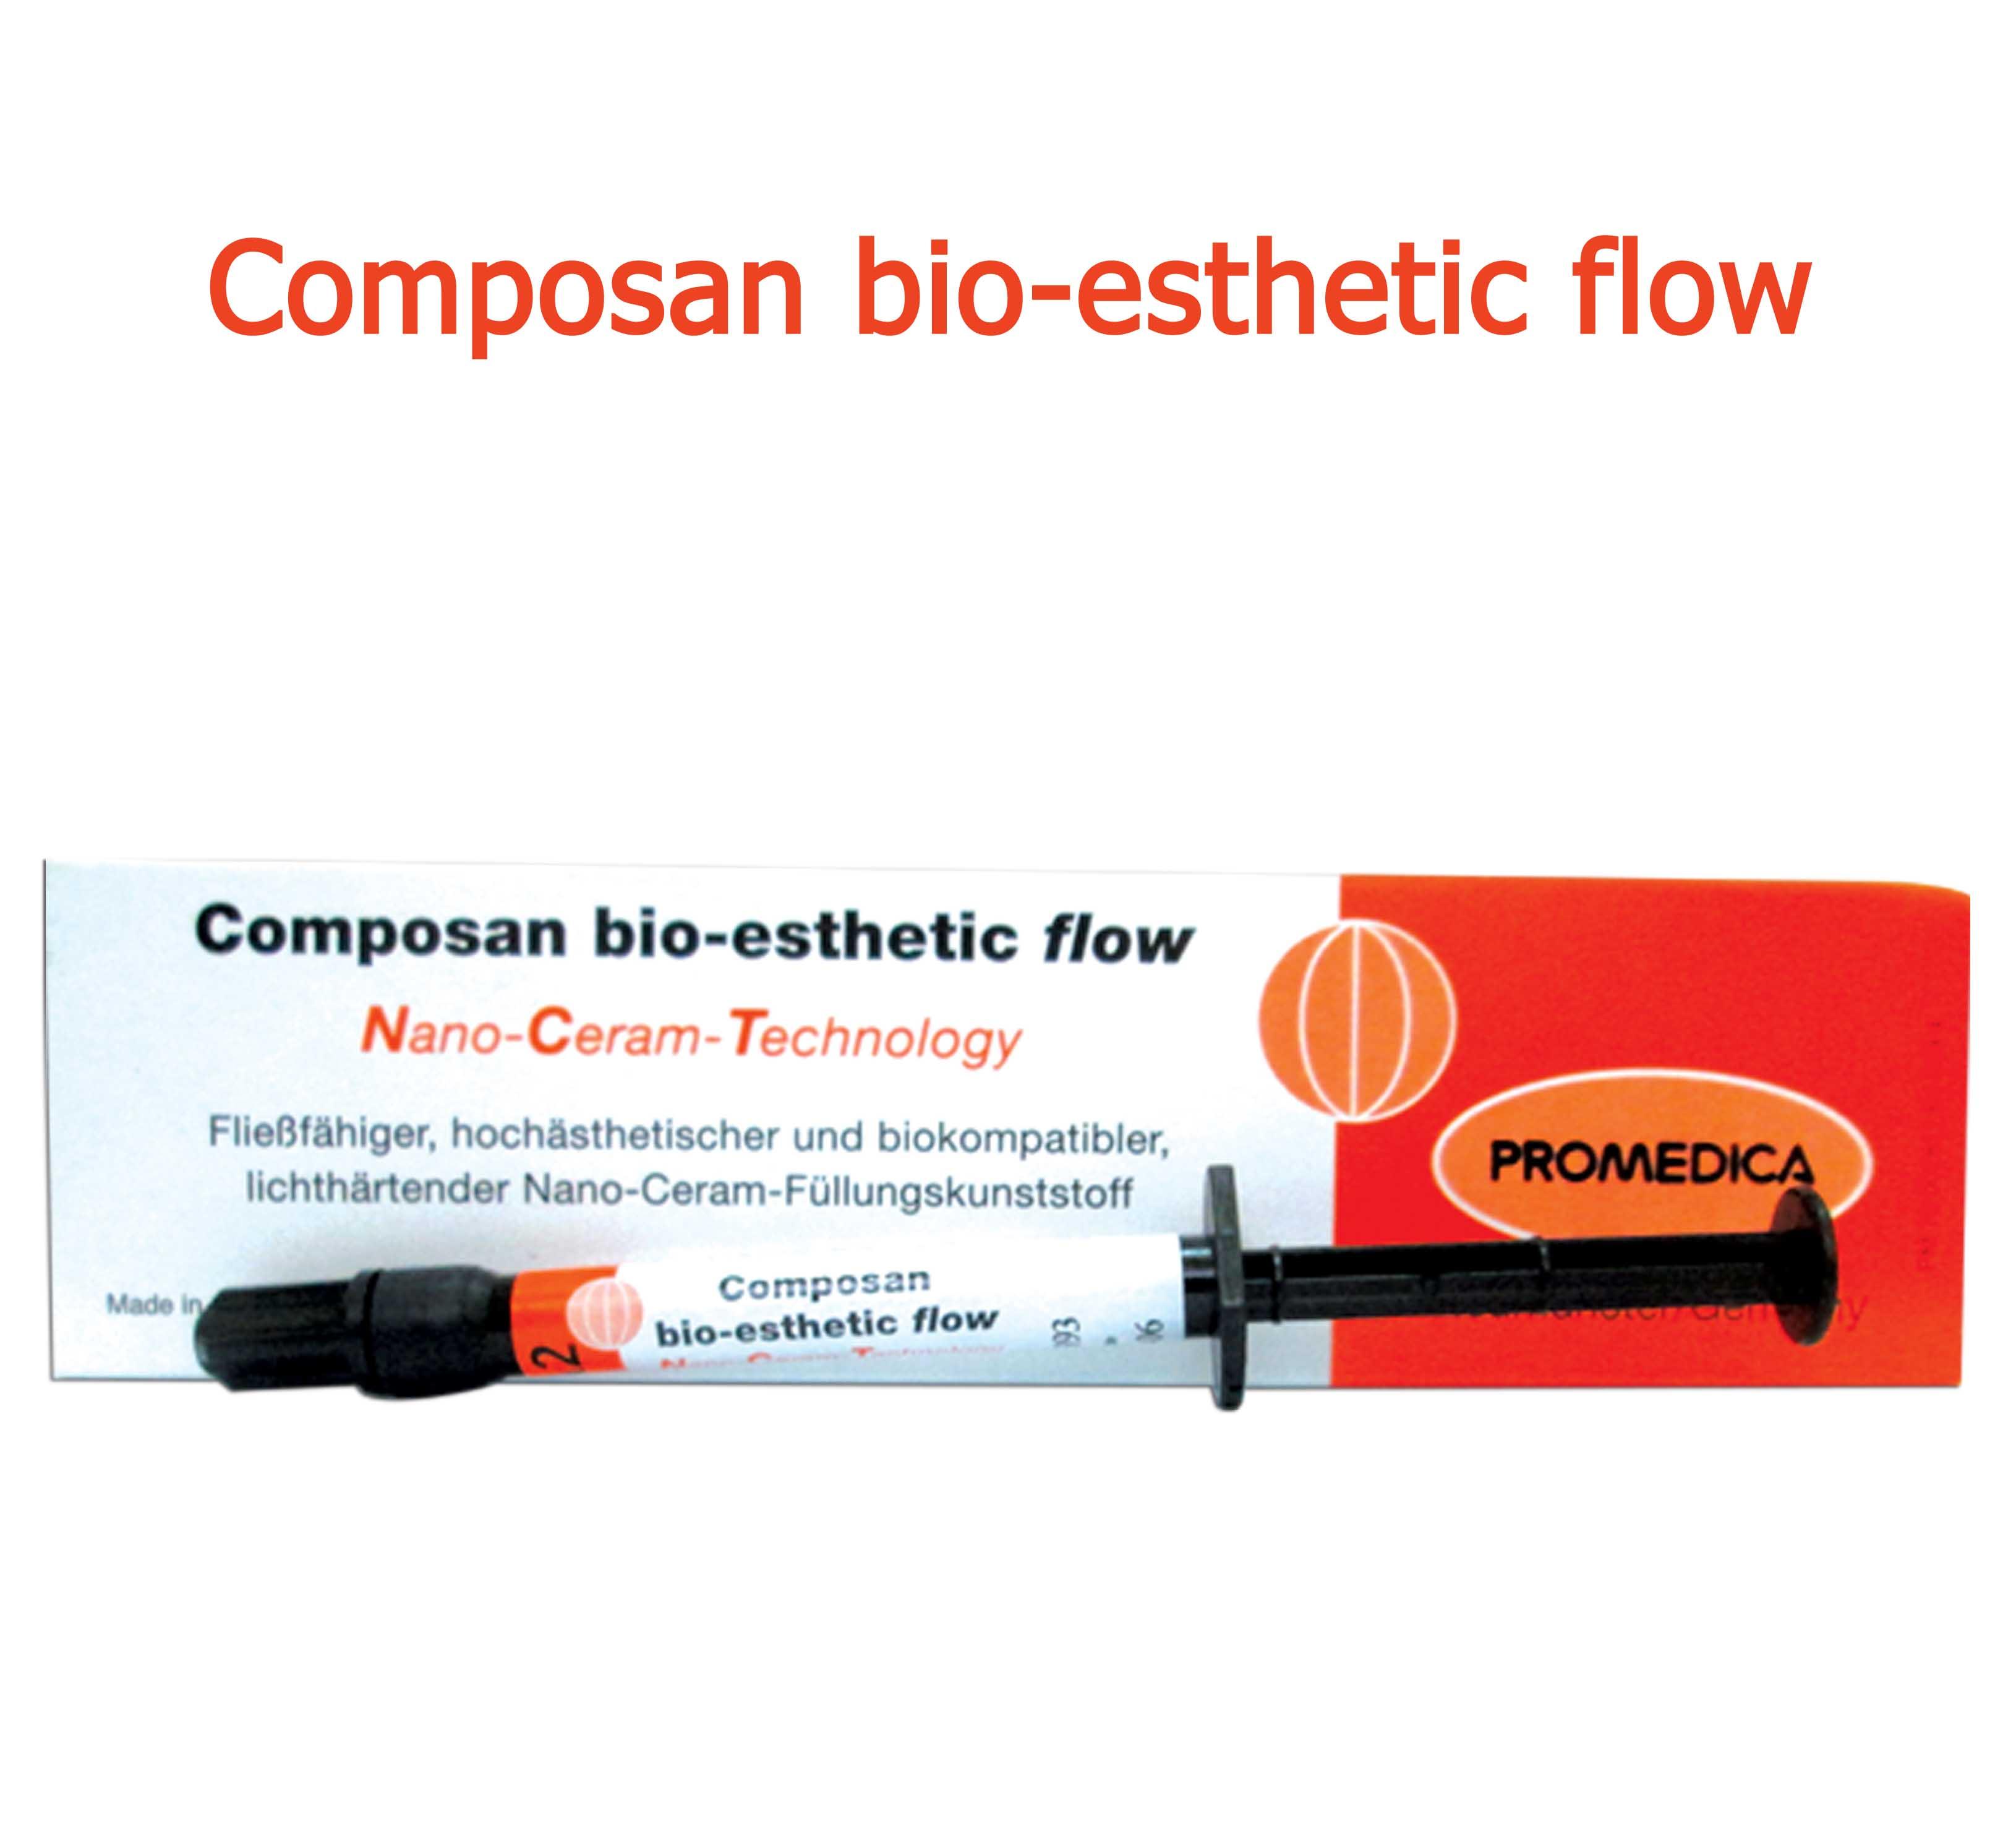 Composan Bio-Esthetic Flow